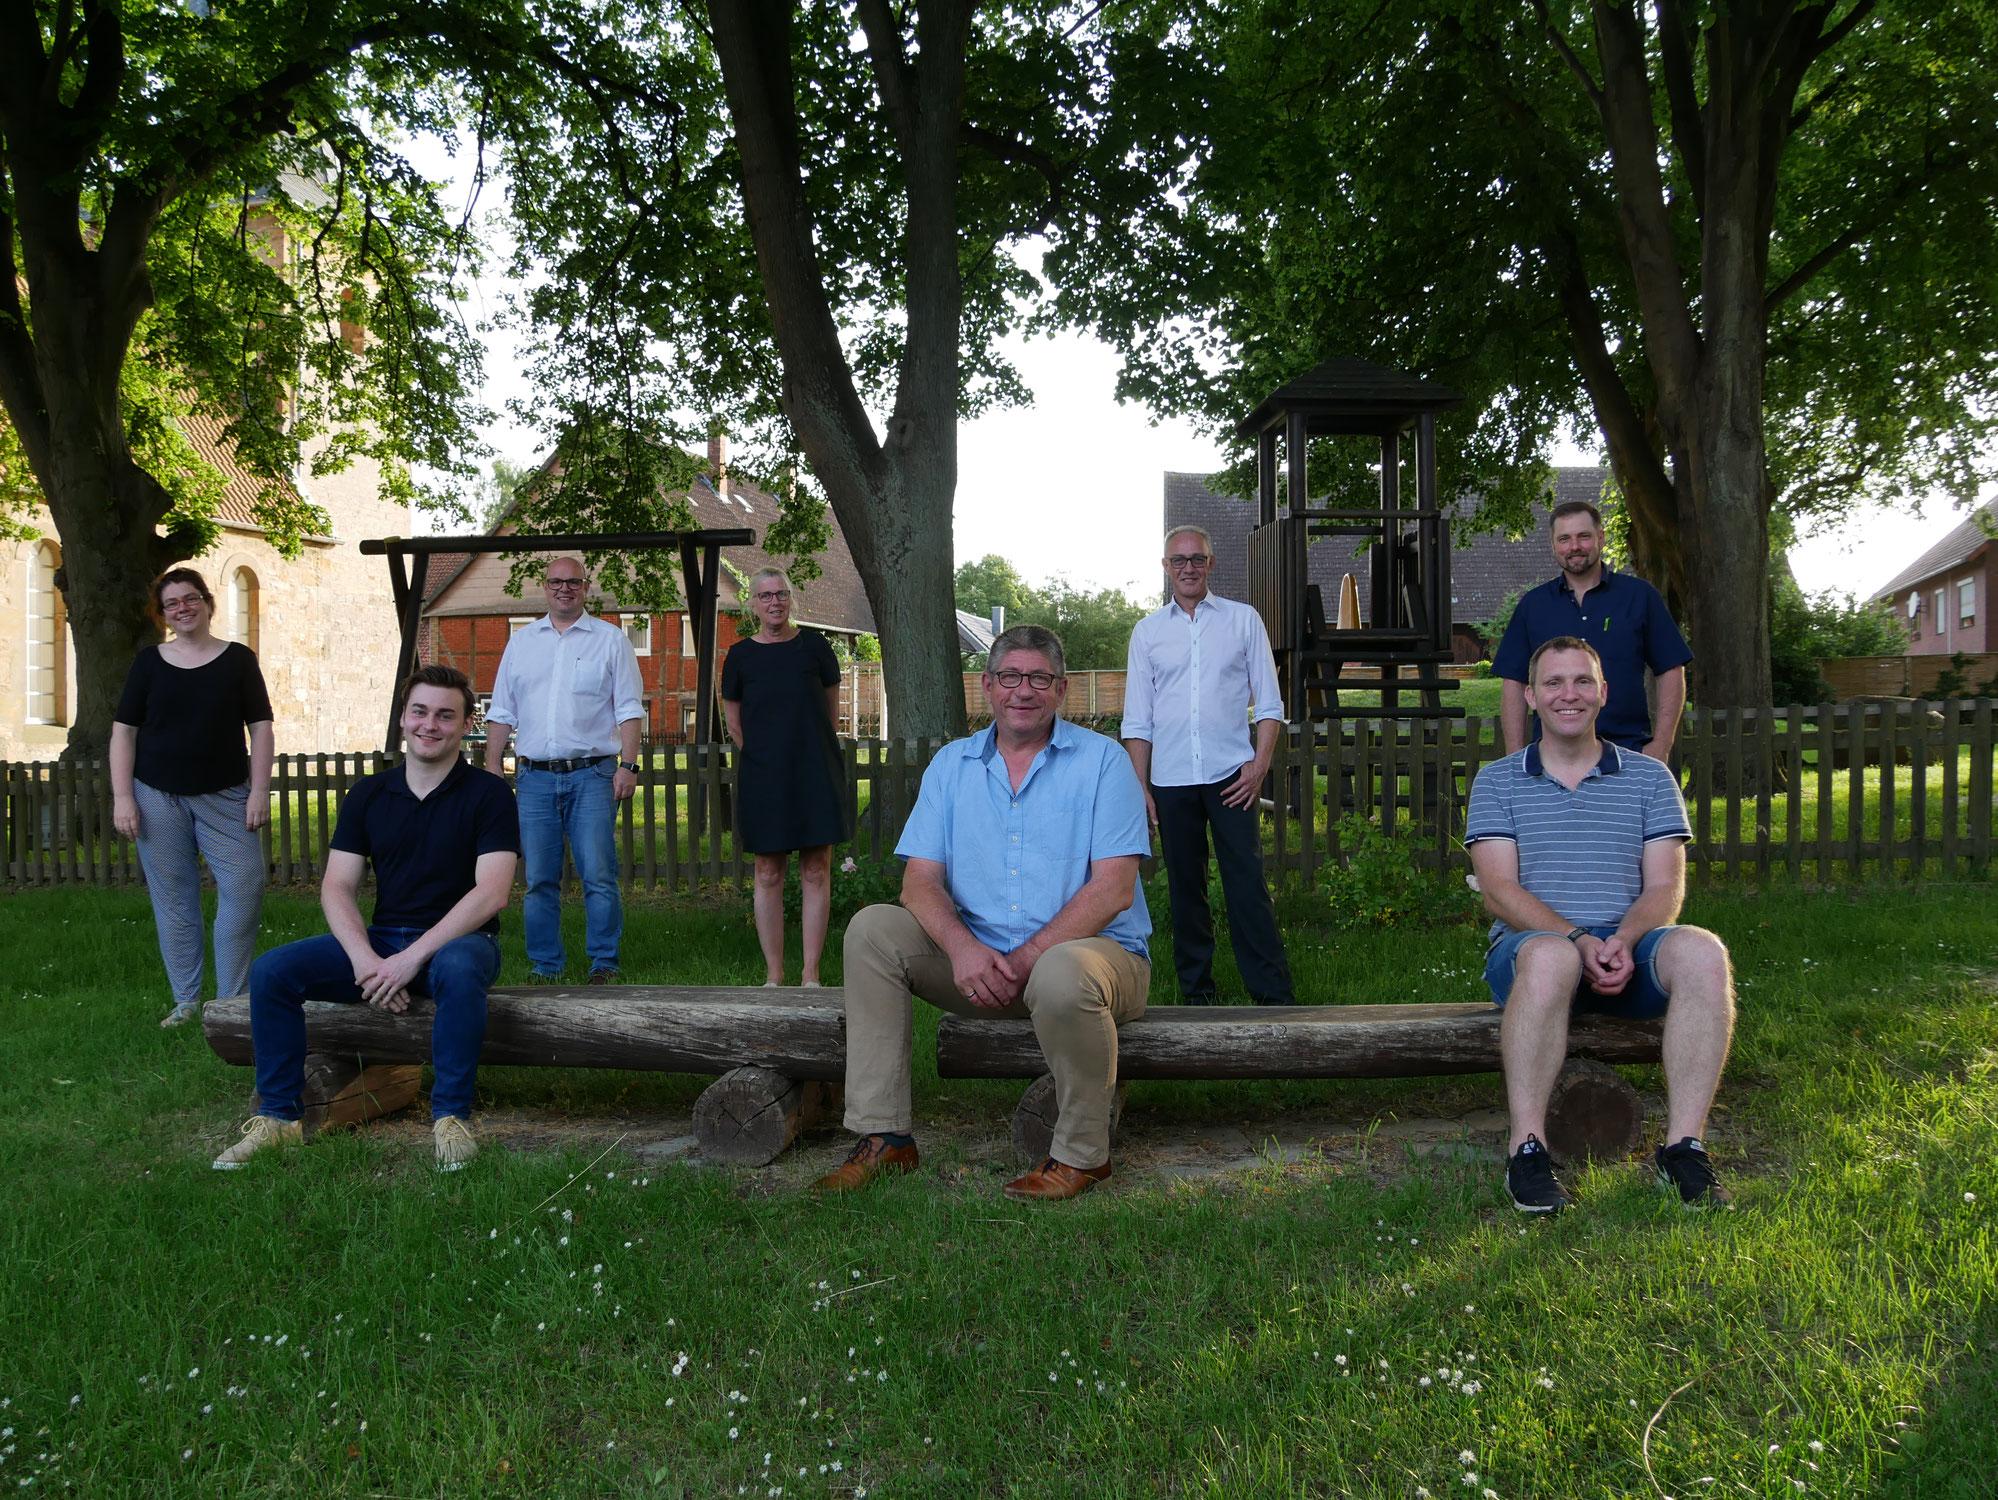 Das sind sie: Unsere Kandidaten für den Gemeinderat Burgdorf